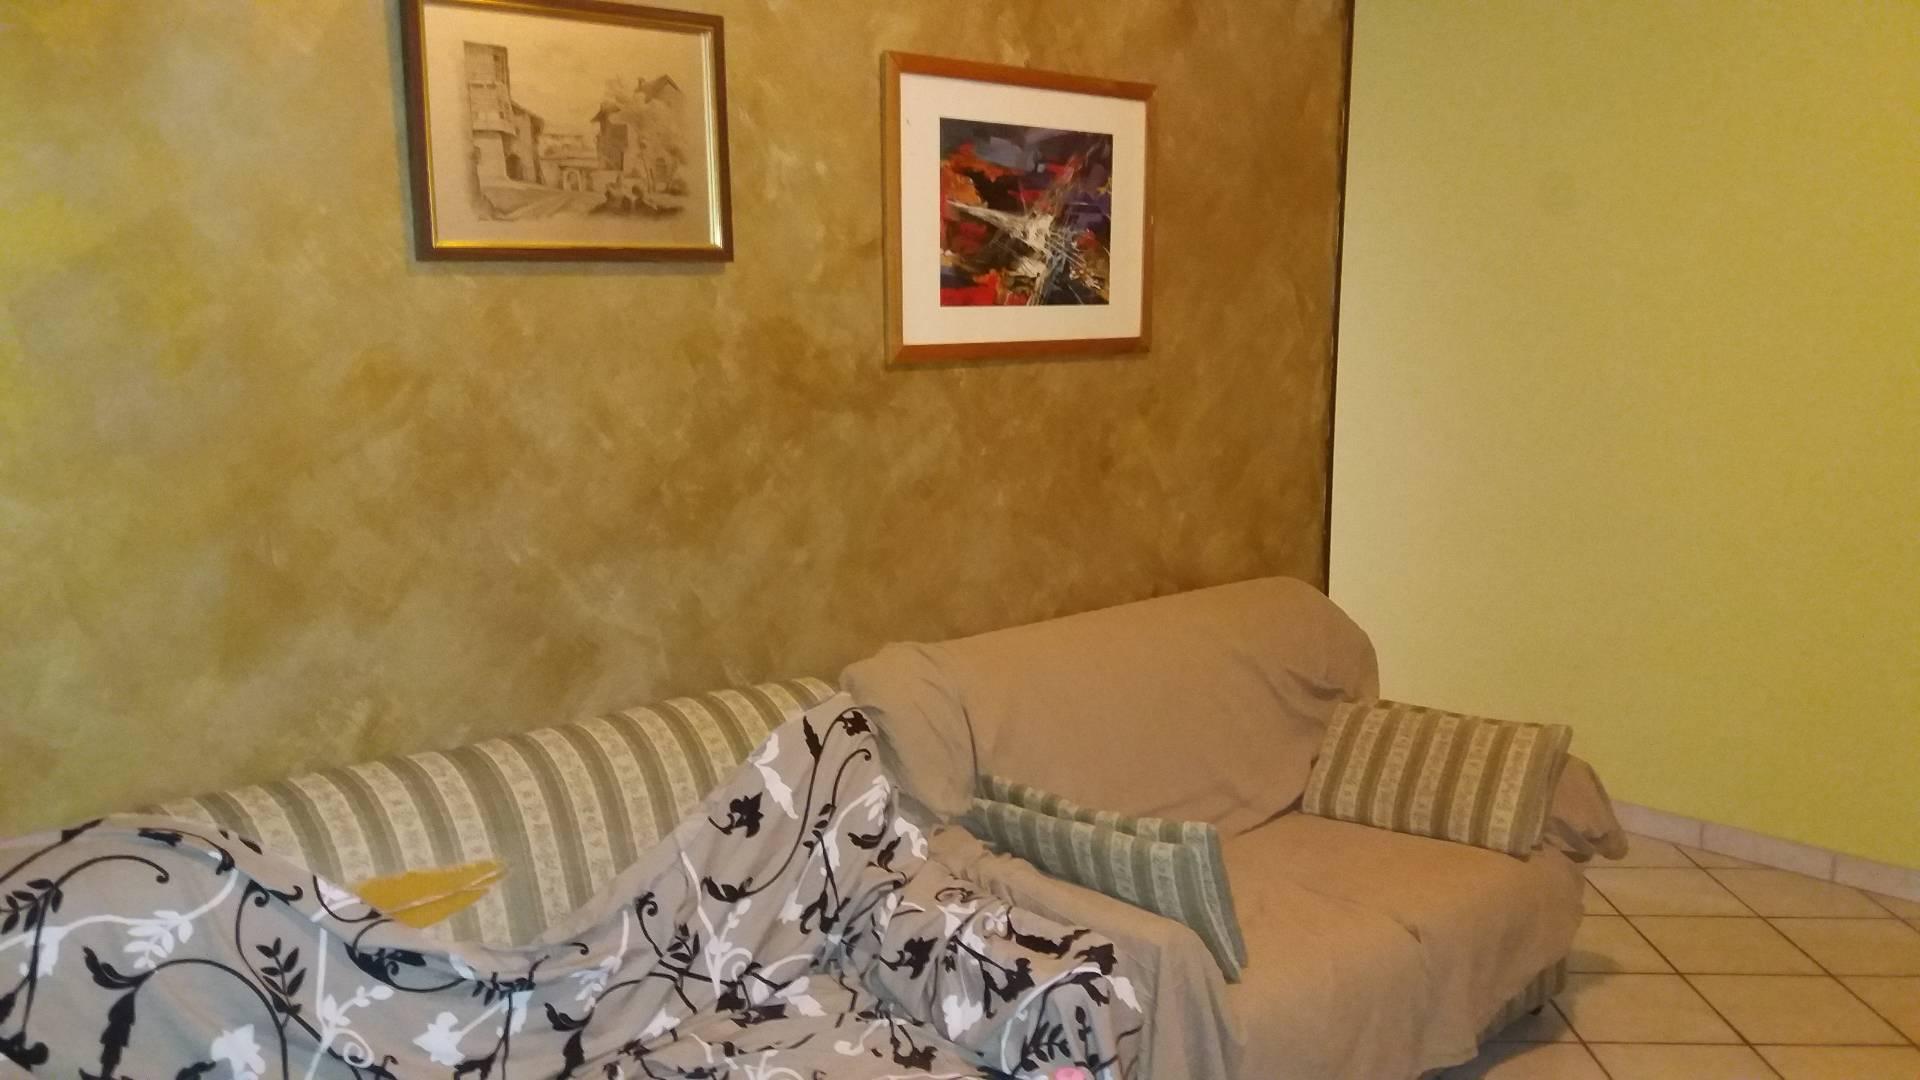 Appartamento in affitto a Chieti, 6 locali, zona Zona: Stazione, prezzo € 200 | Cambio Casa.it